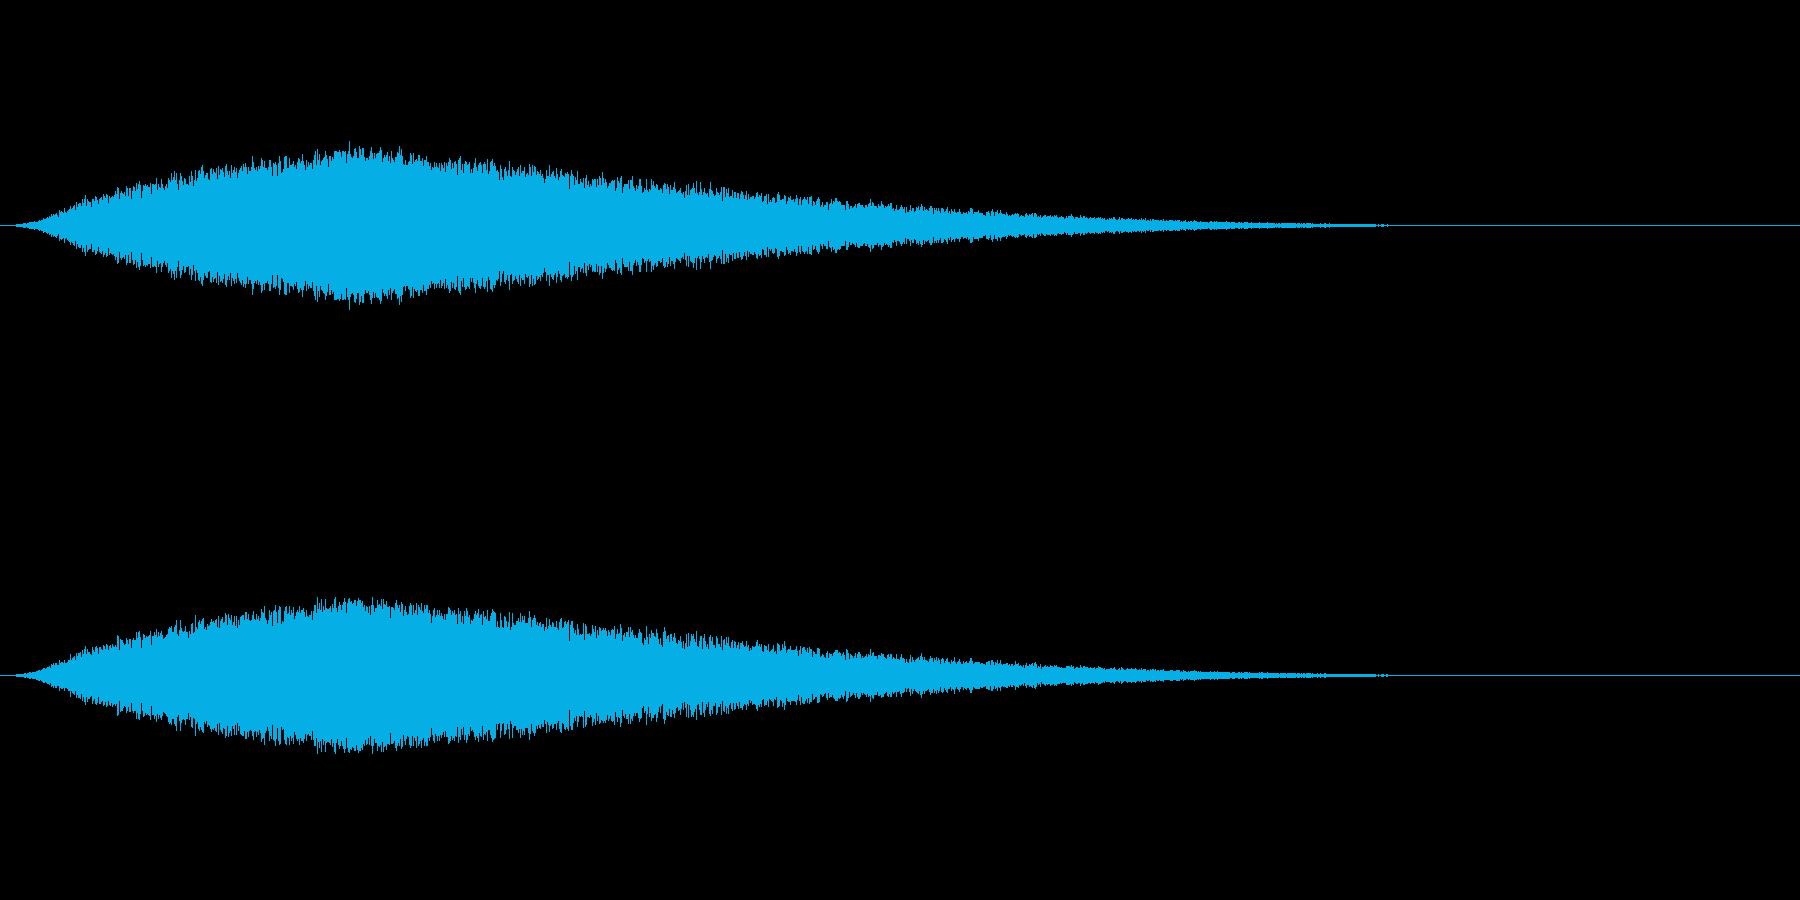 ザー...(海、波、海岸)の再生済みの波形